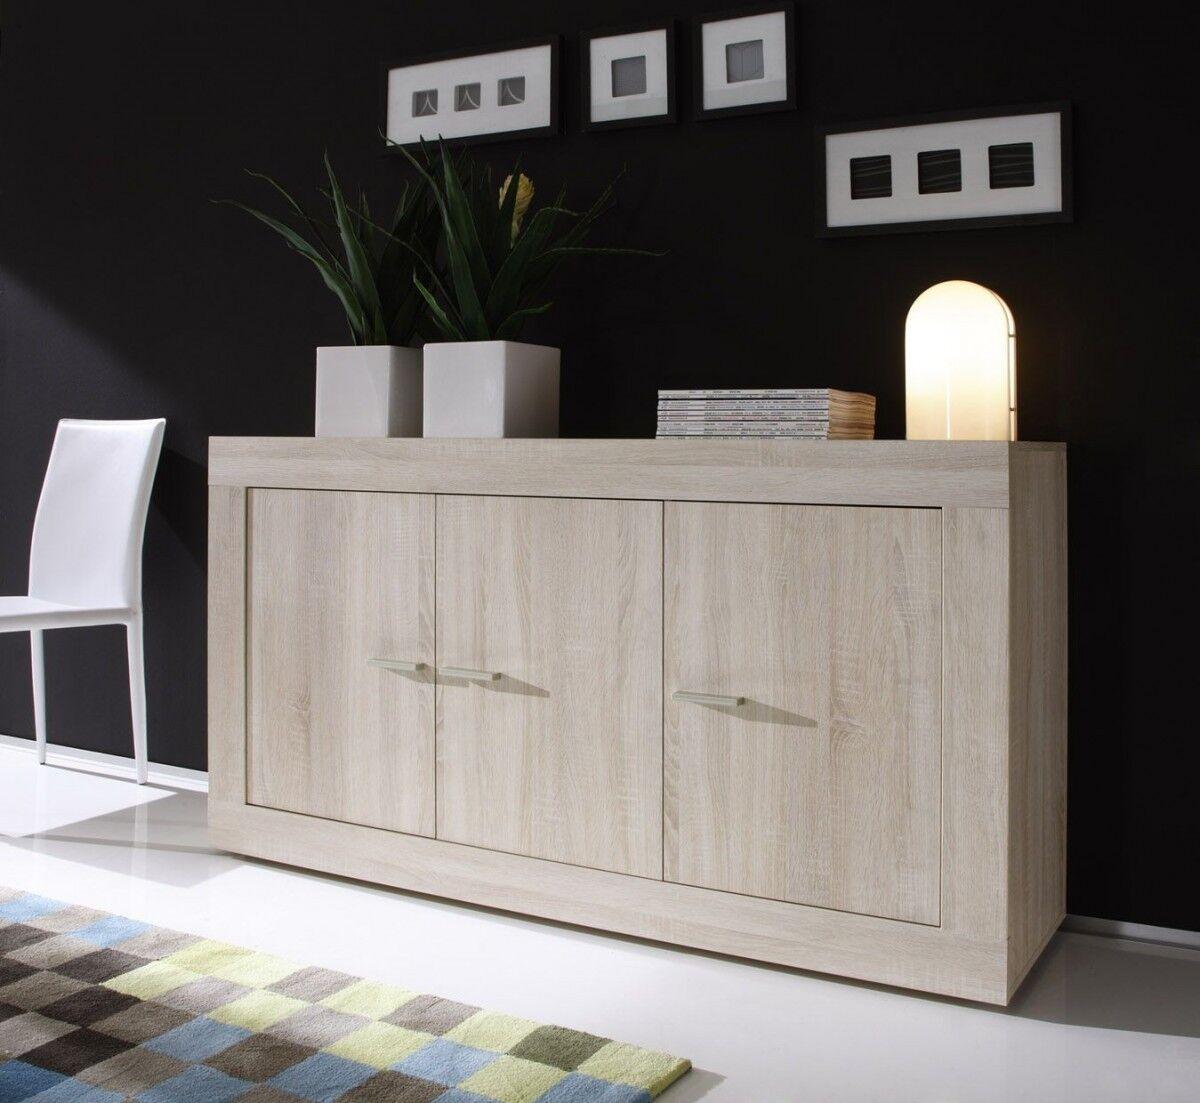 Credenza rustica Arredamento, mobili e accessori per la